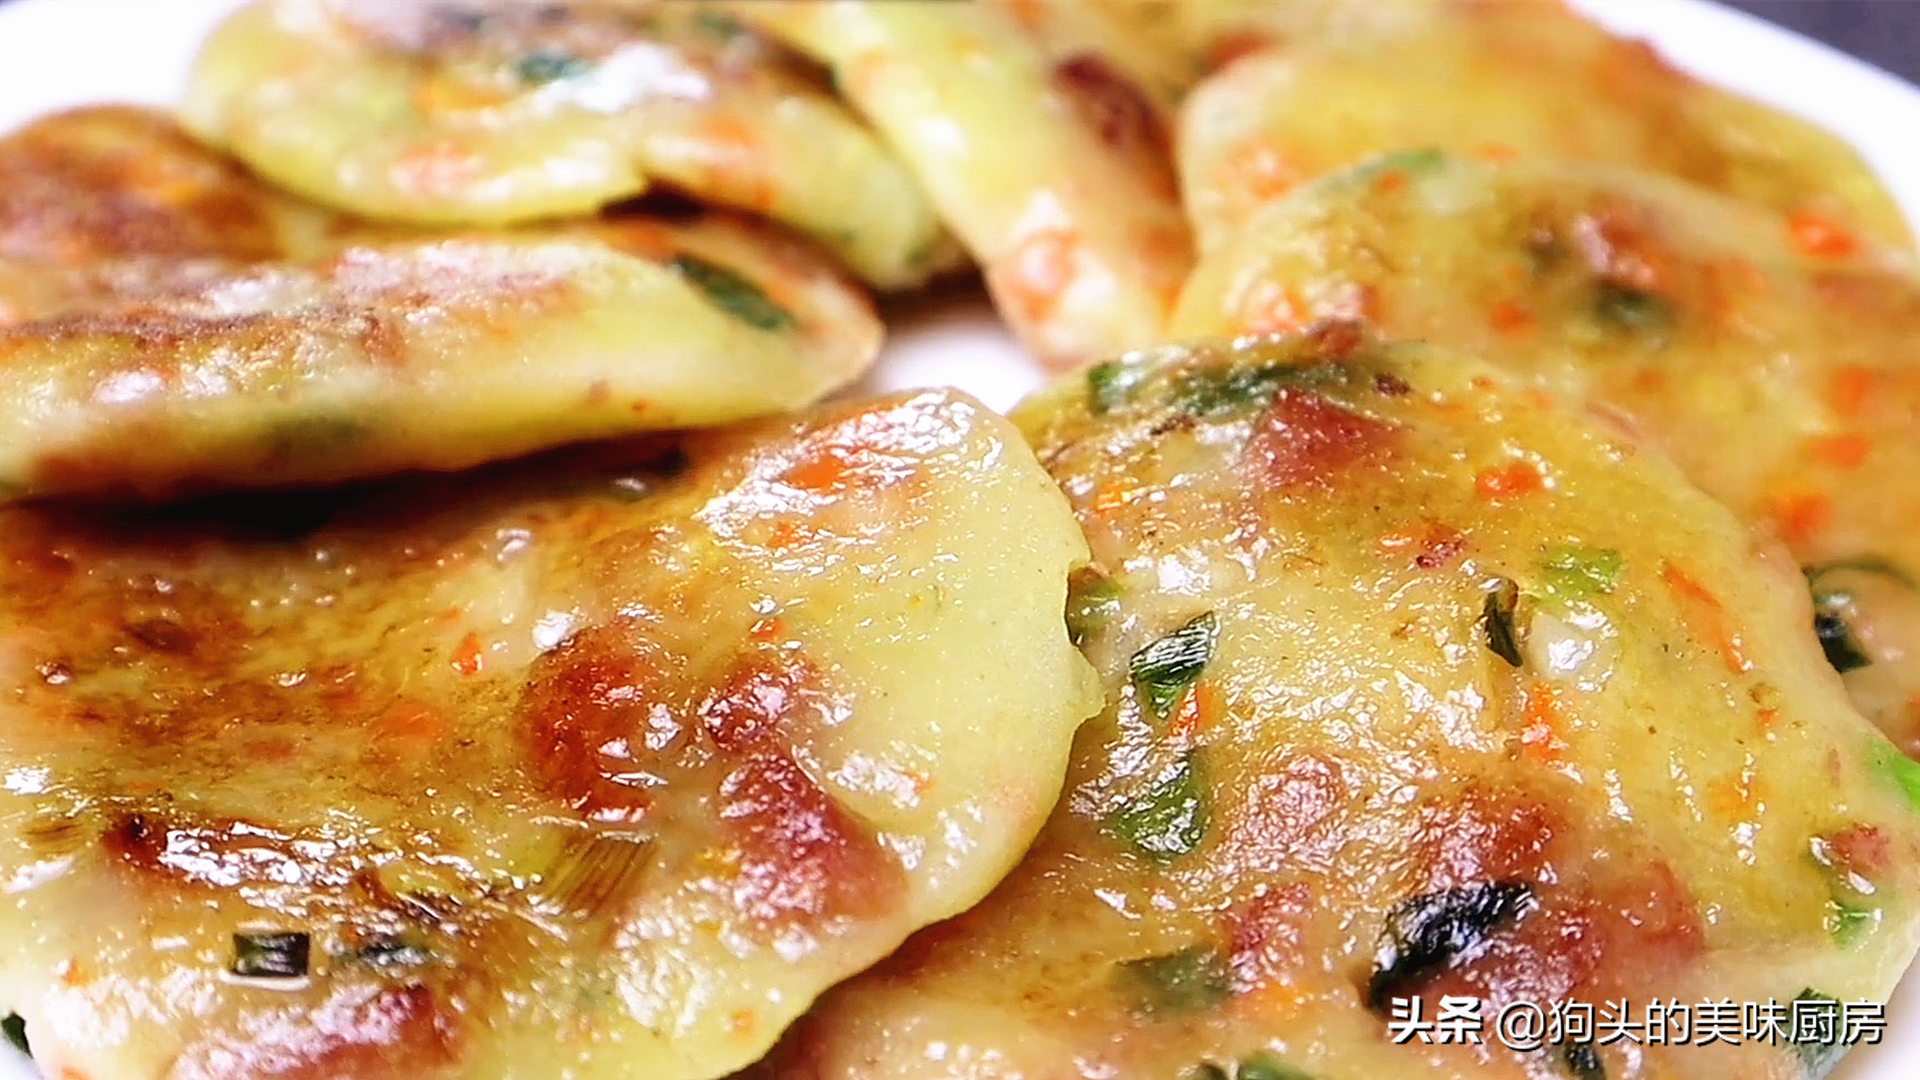 最近土豆很火的做法,不加面粉不加水,咬一口满嘴都是香,真解馋 美食做法 第2张